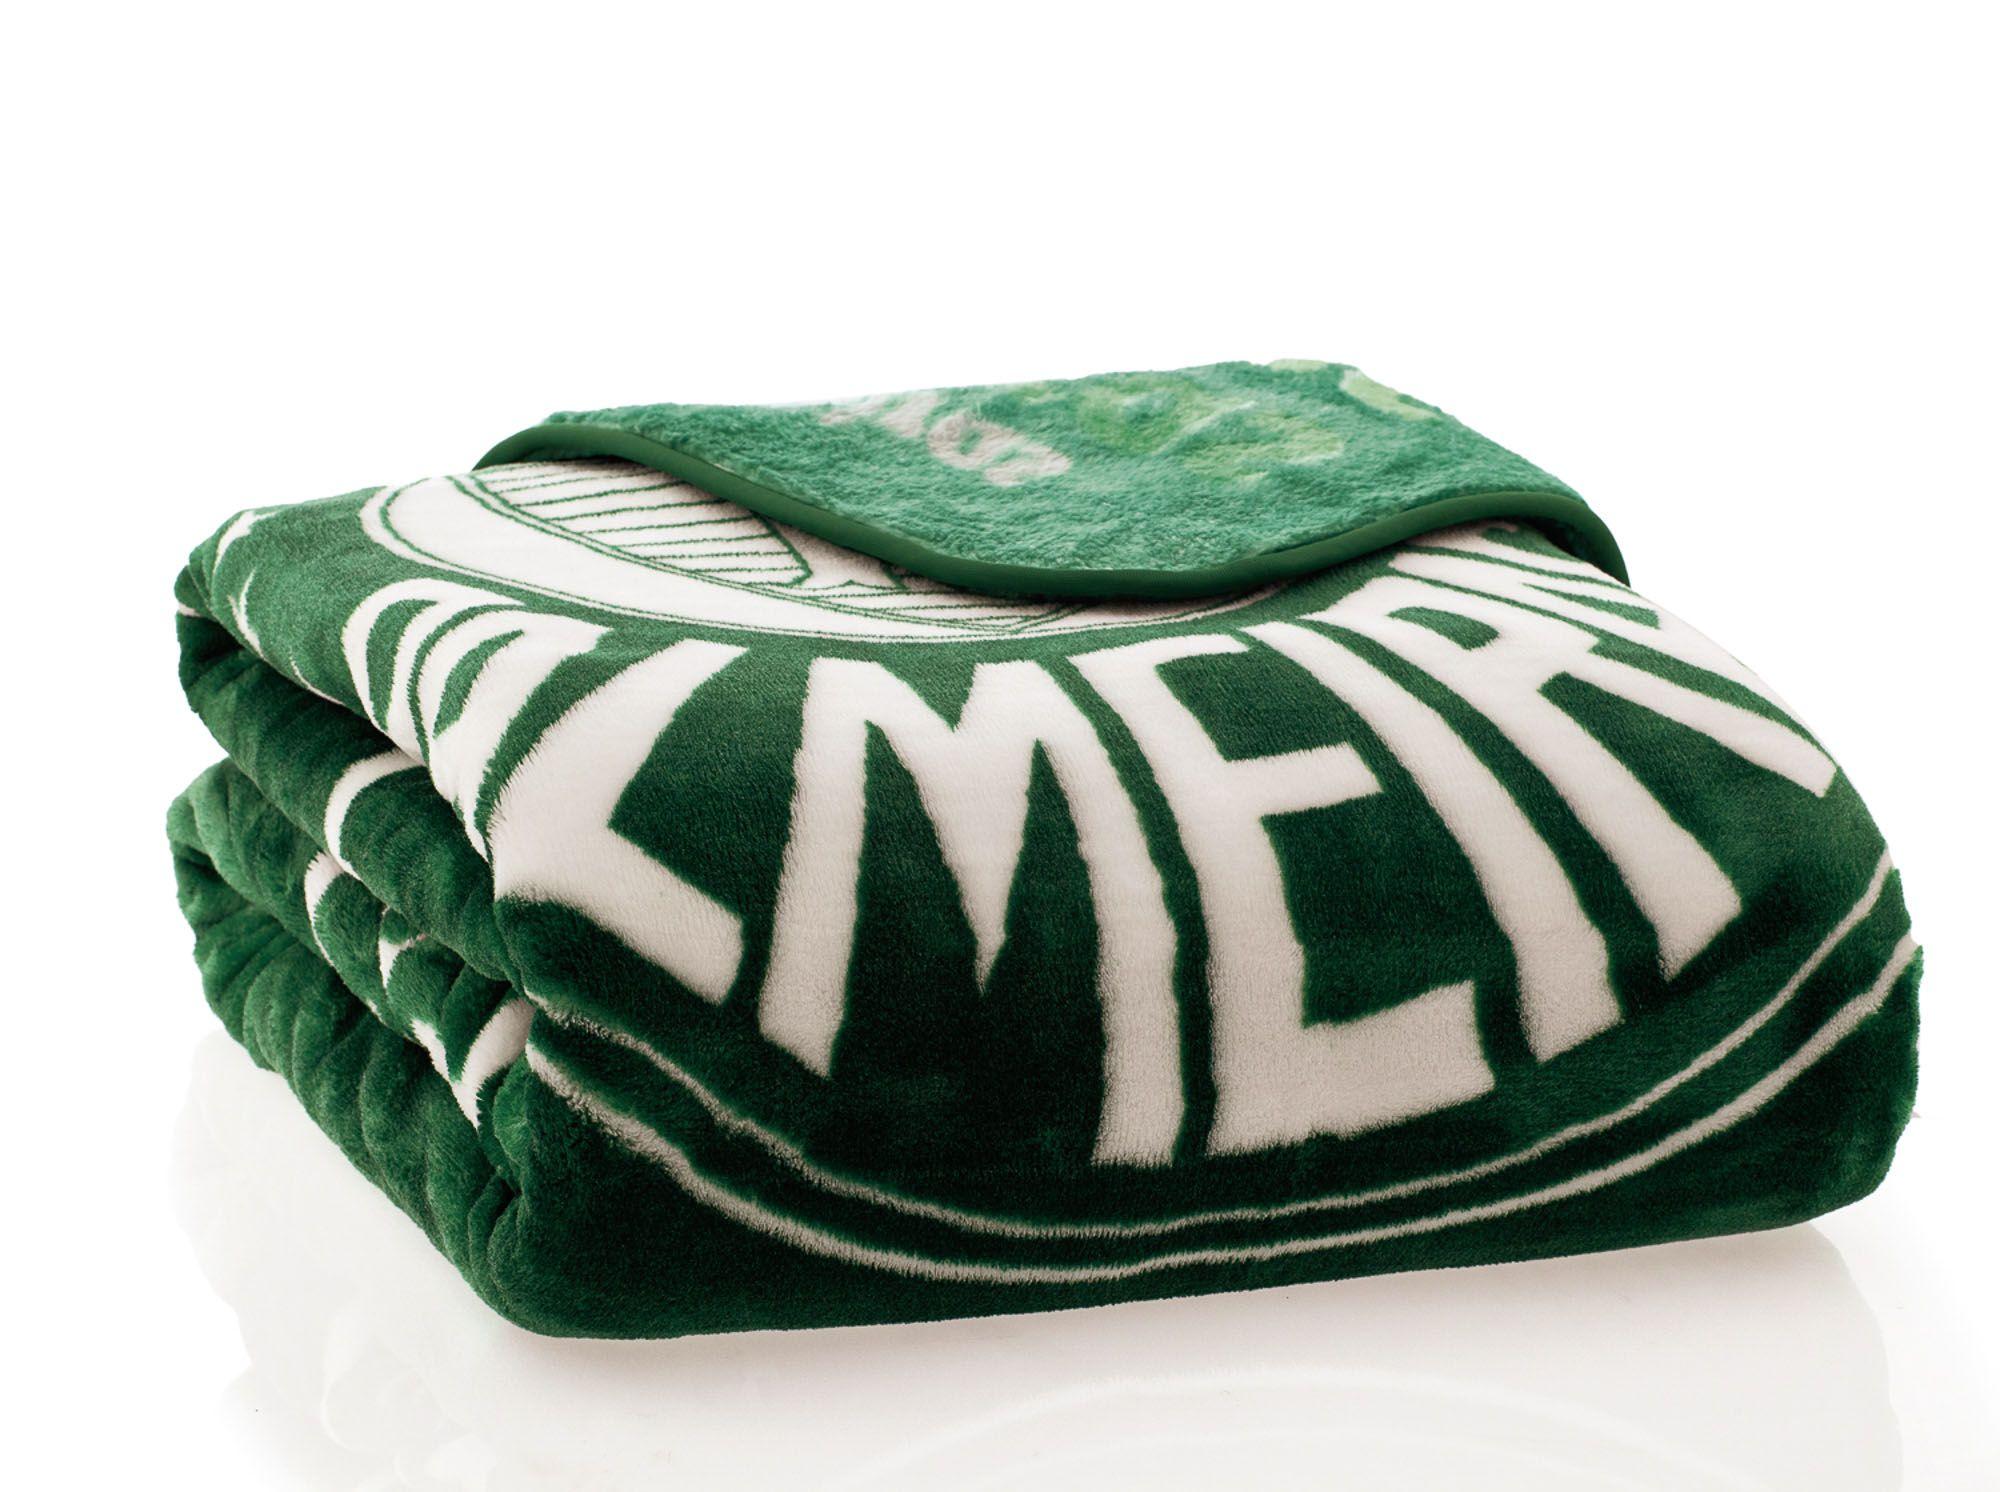 Cobertor Palmeiras Casal Jolitex 1,80x2,20m Raschel